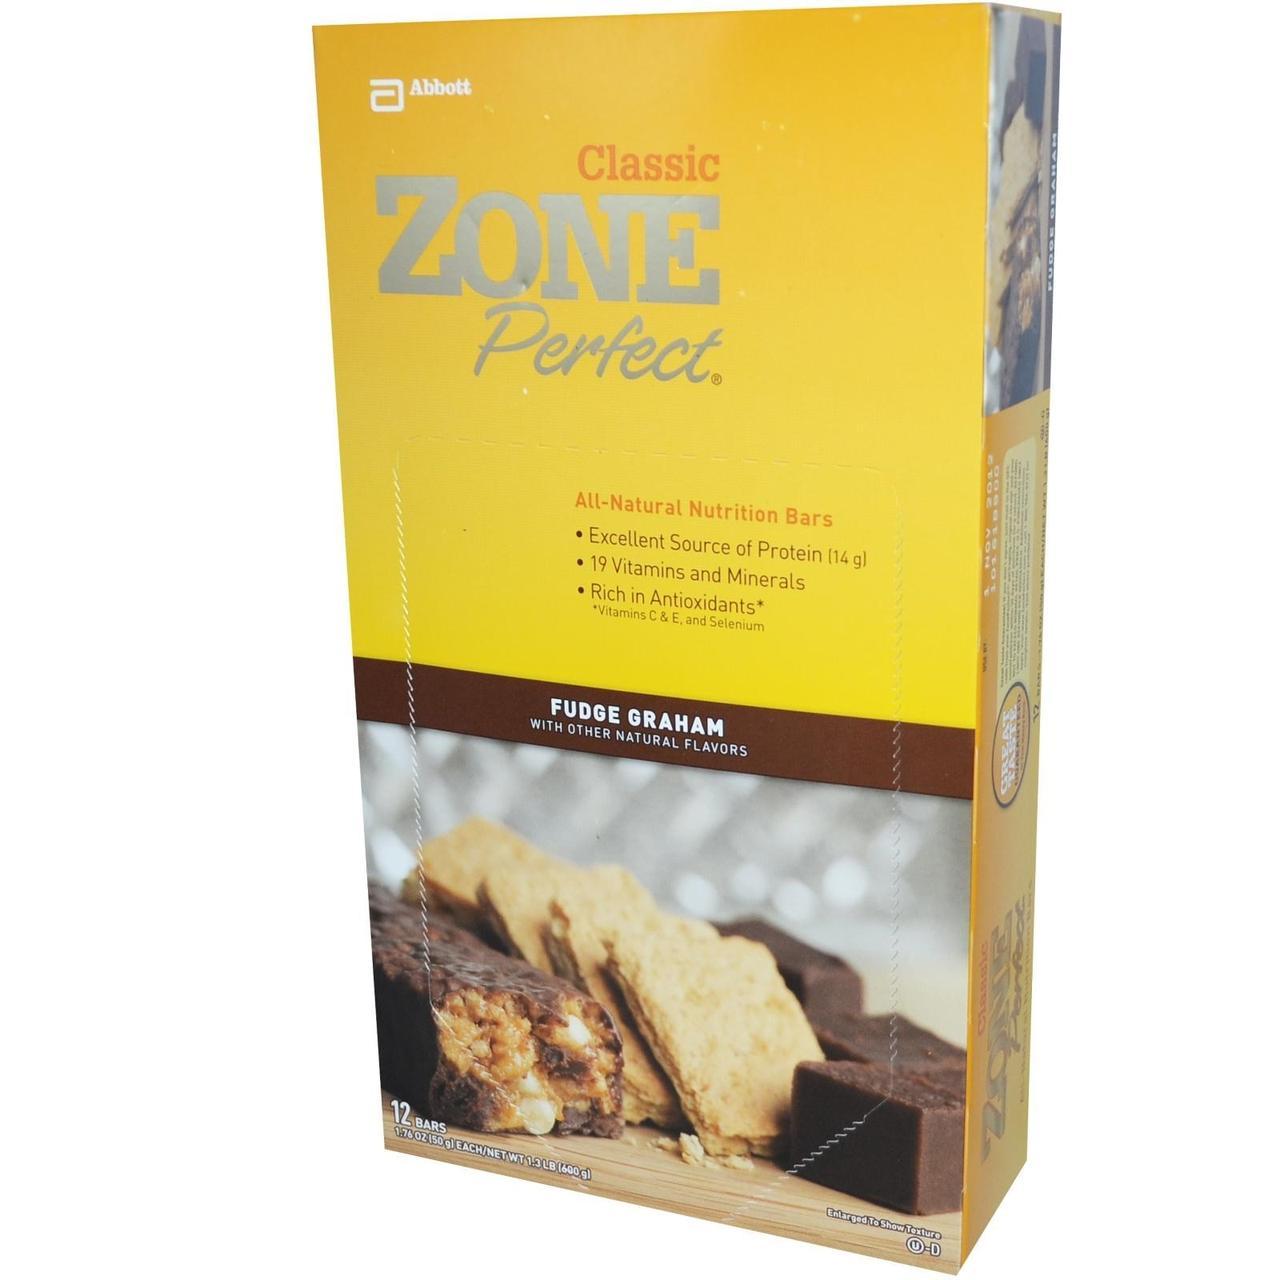 ZonePerfect, Классические полностью натуральные питательные батончики, Fudge Graham, 12 батончиков, 1,76 унции (50 г) каждый